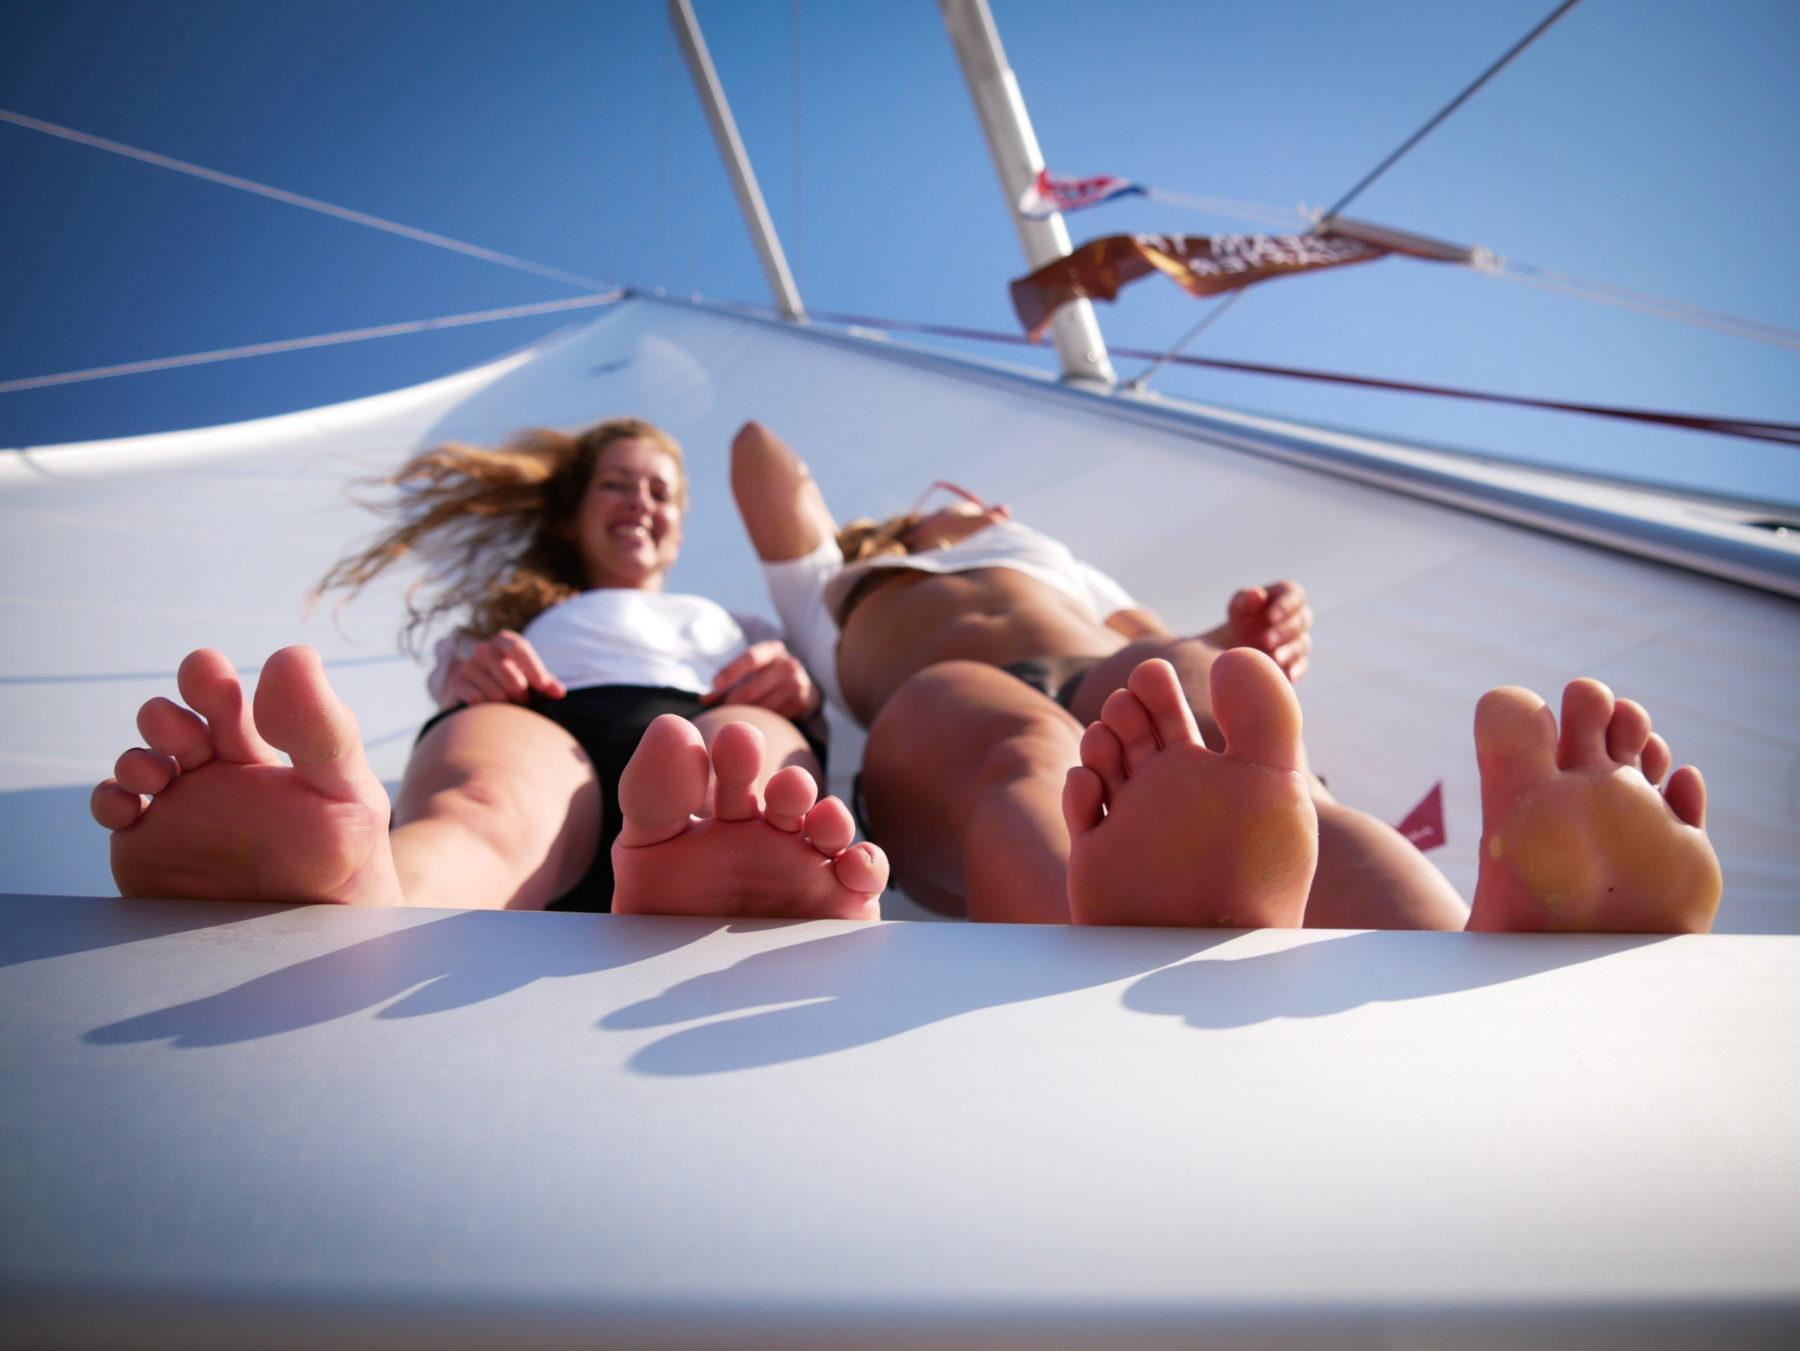 Ein Urlaub unter Segeln ist ein Traumurlaub | sailwithus